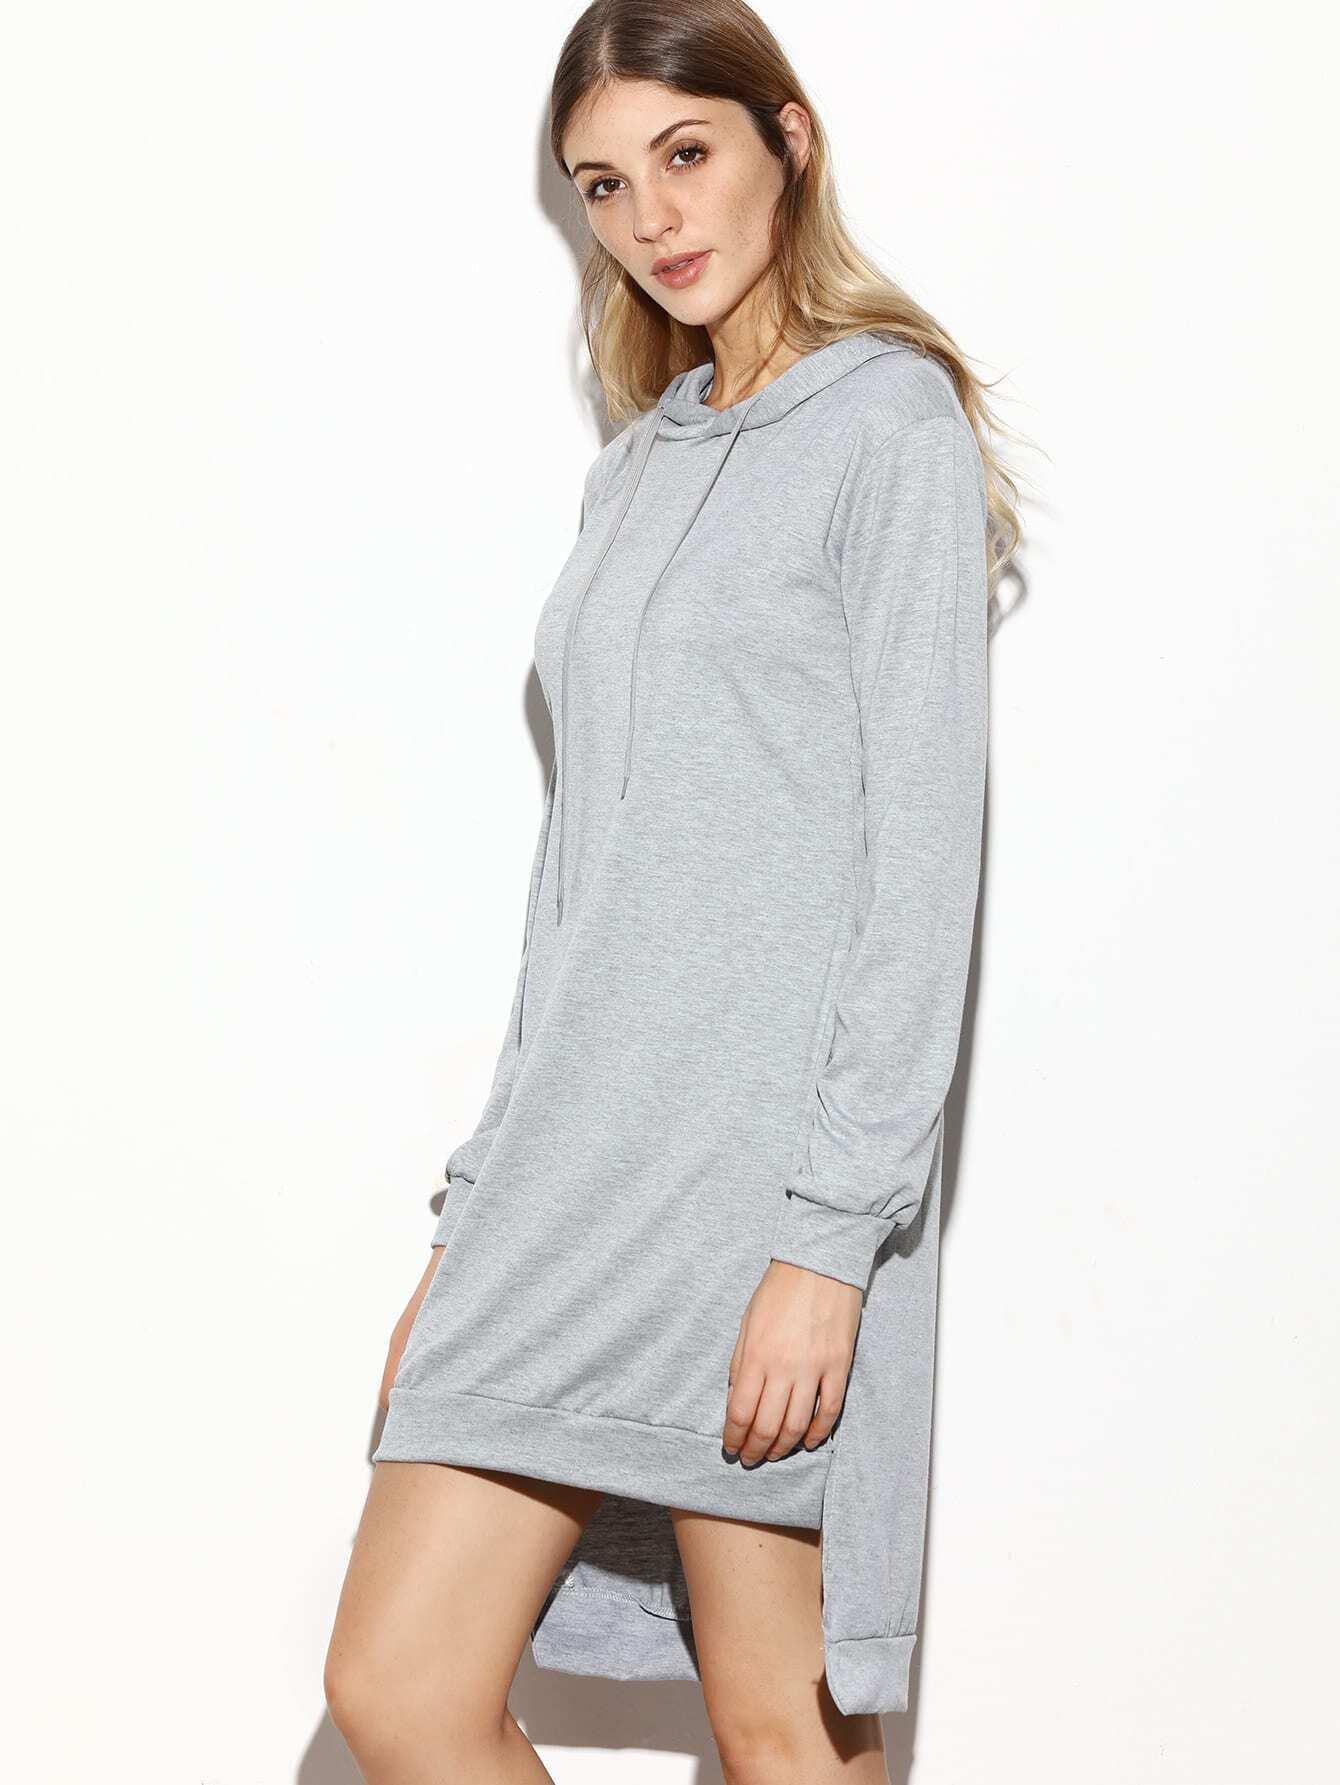 dress161104101_2